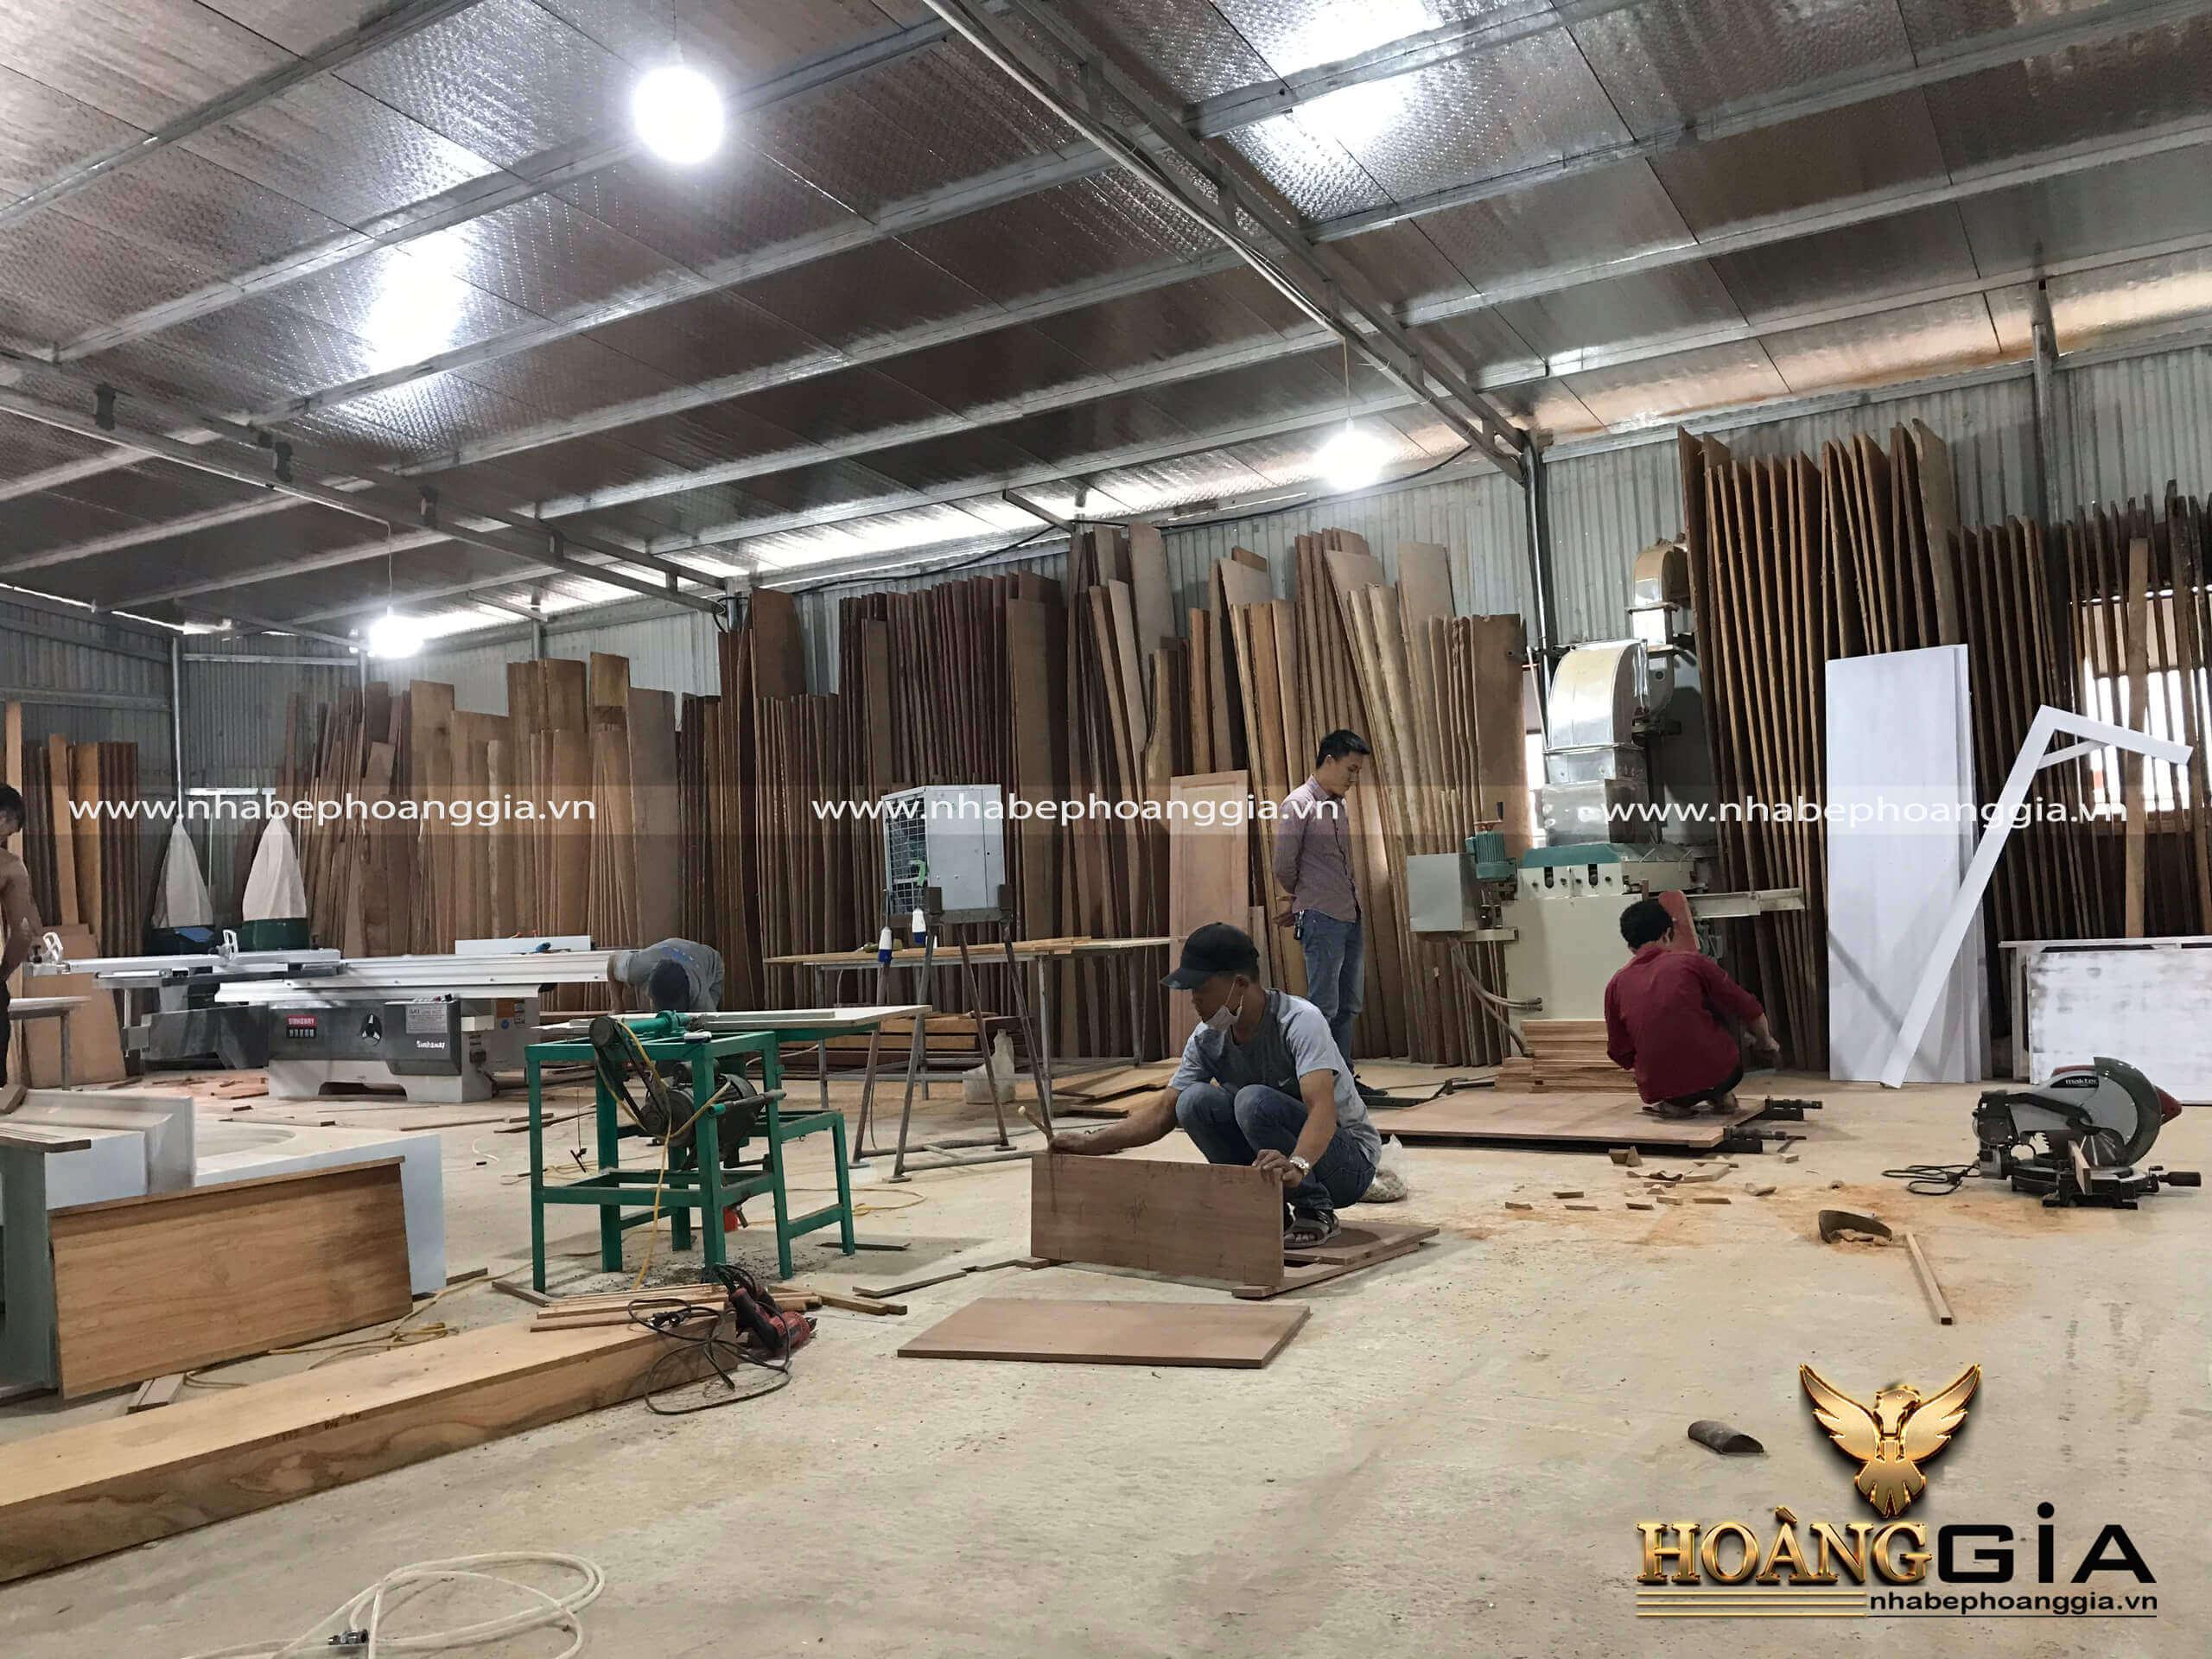 xưởng sản xuất tủ bếp gỗ Acrylic tại Hà Nội